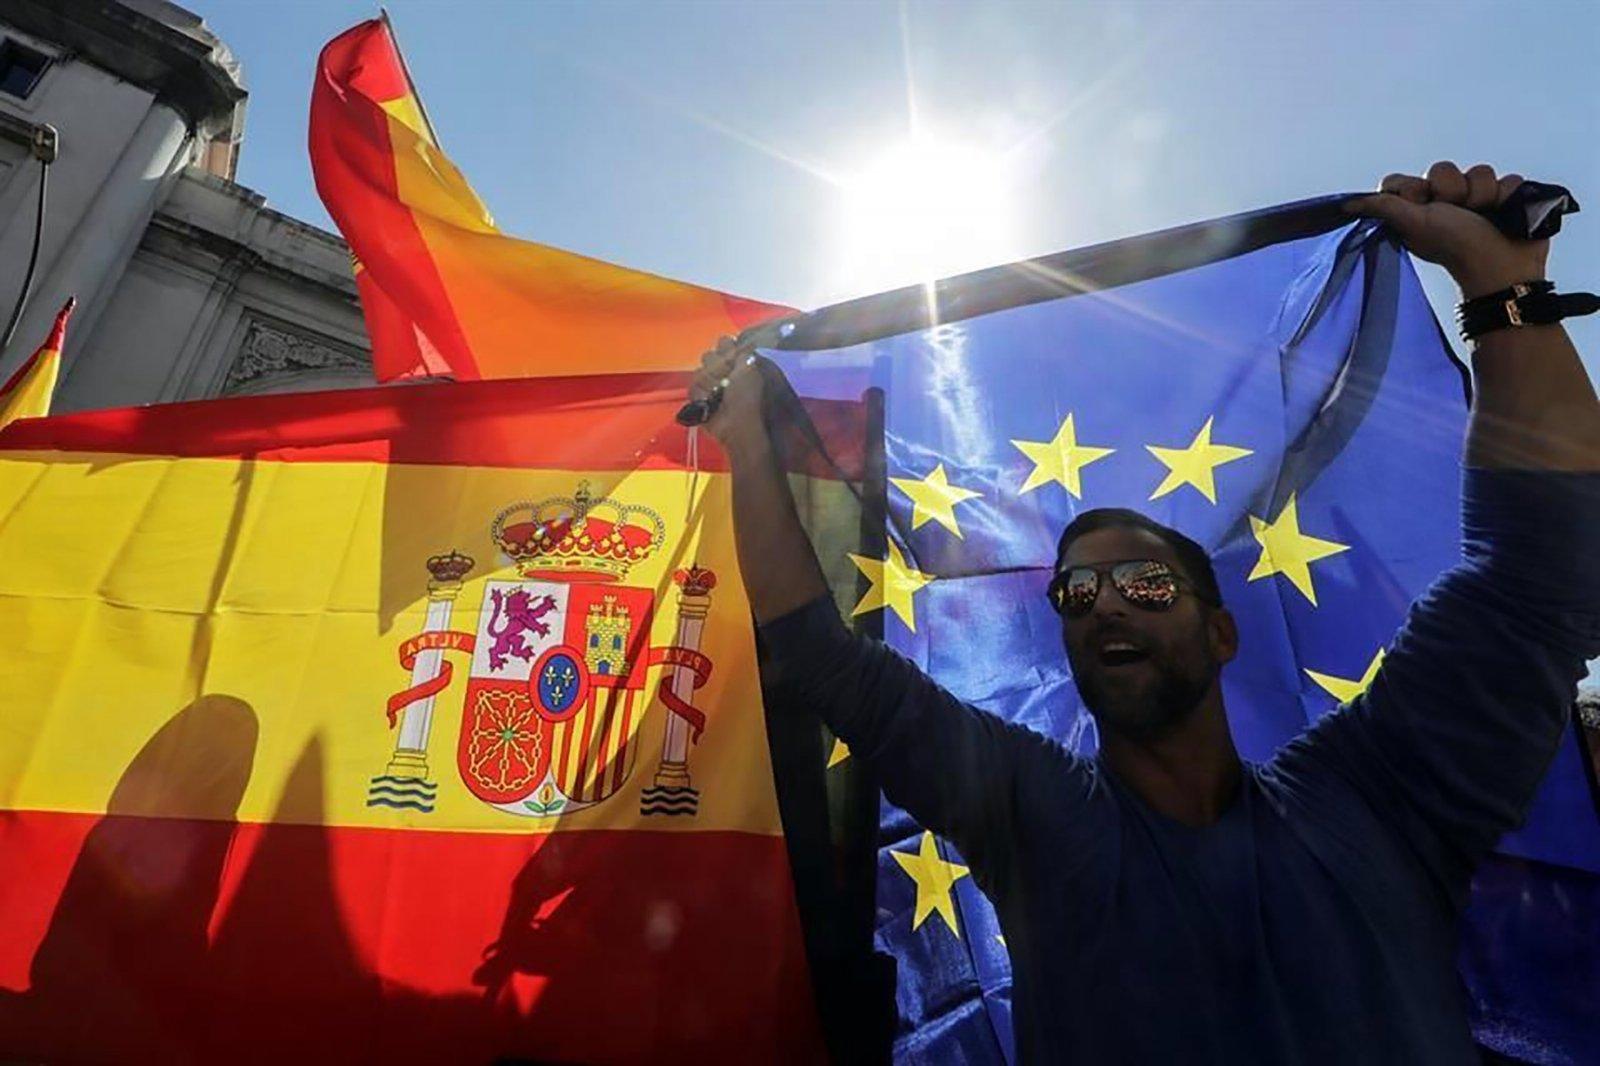 Los líderes europeos, igual que los de cada país de la Unión, no están a la altura de las circunstancias.